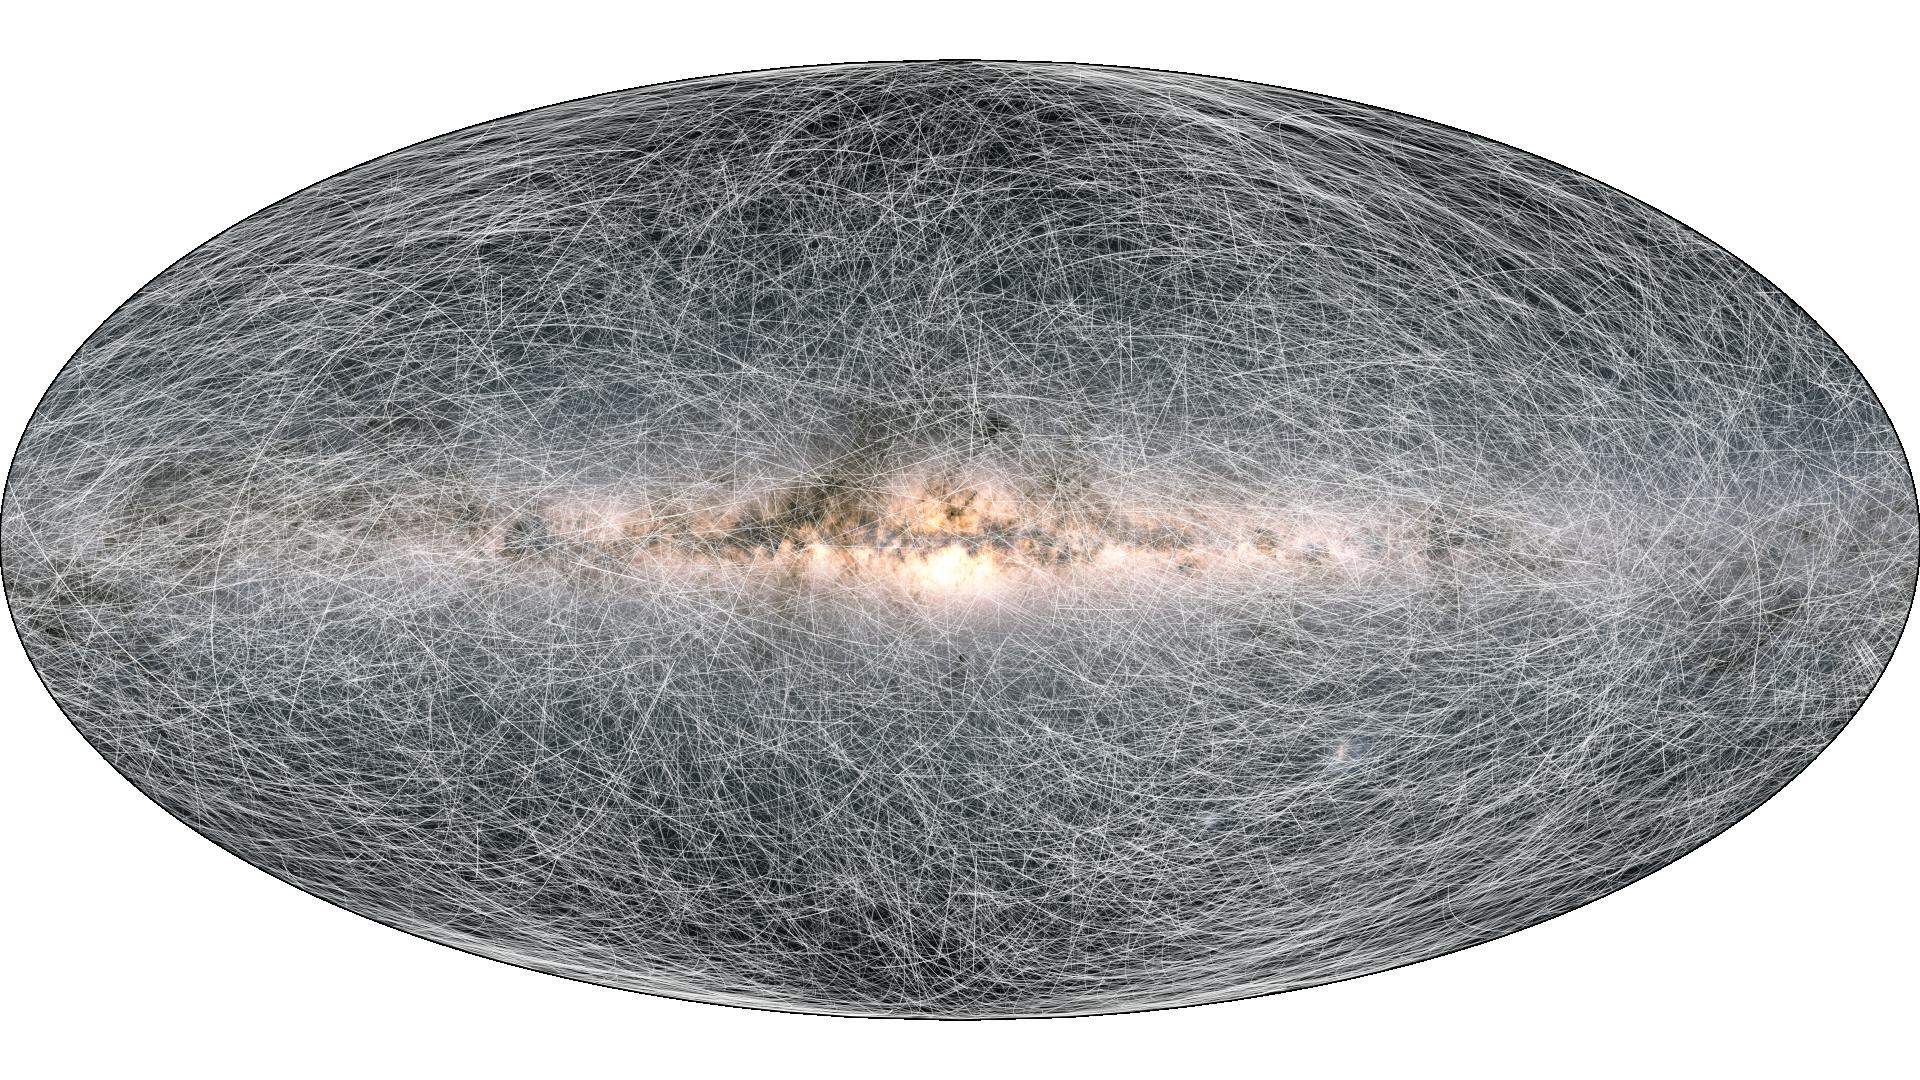 太陽から100パーセク内にある4万の星の今後40万年間の移動の軌跡を表示した宇宙地図。